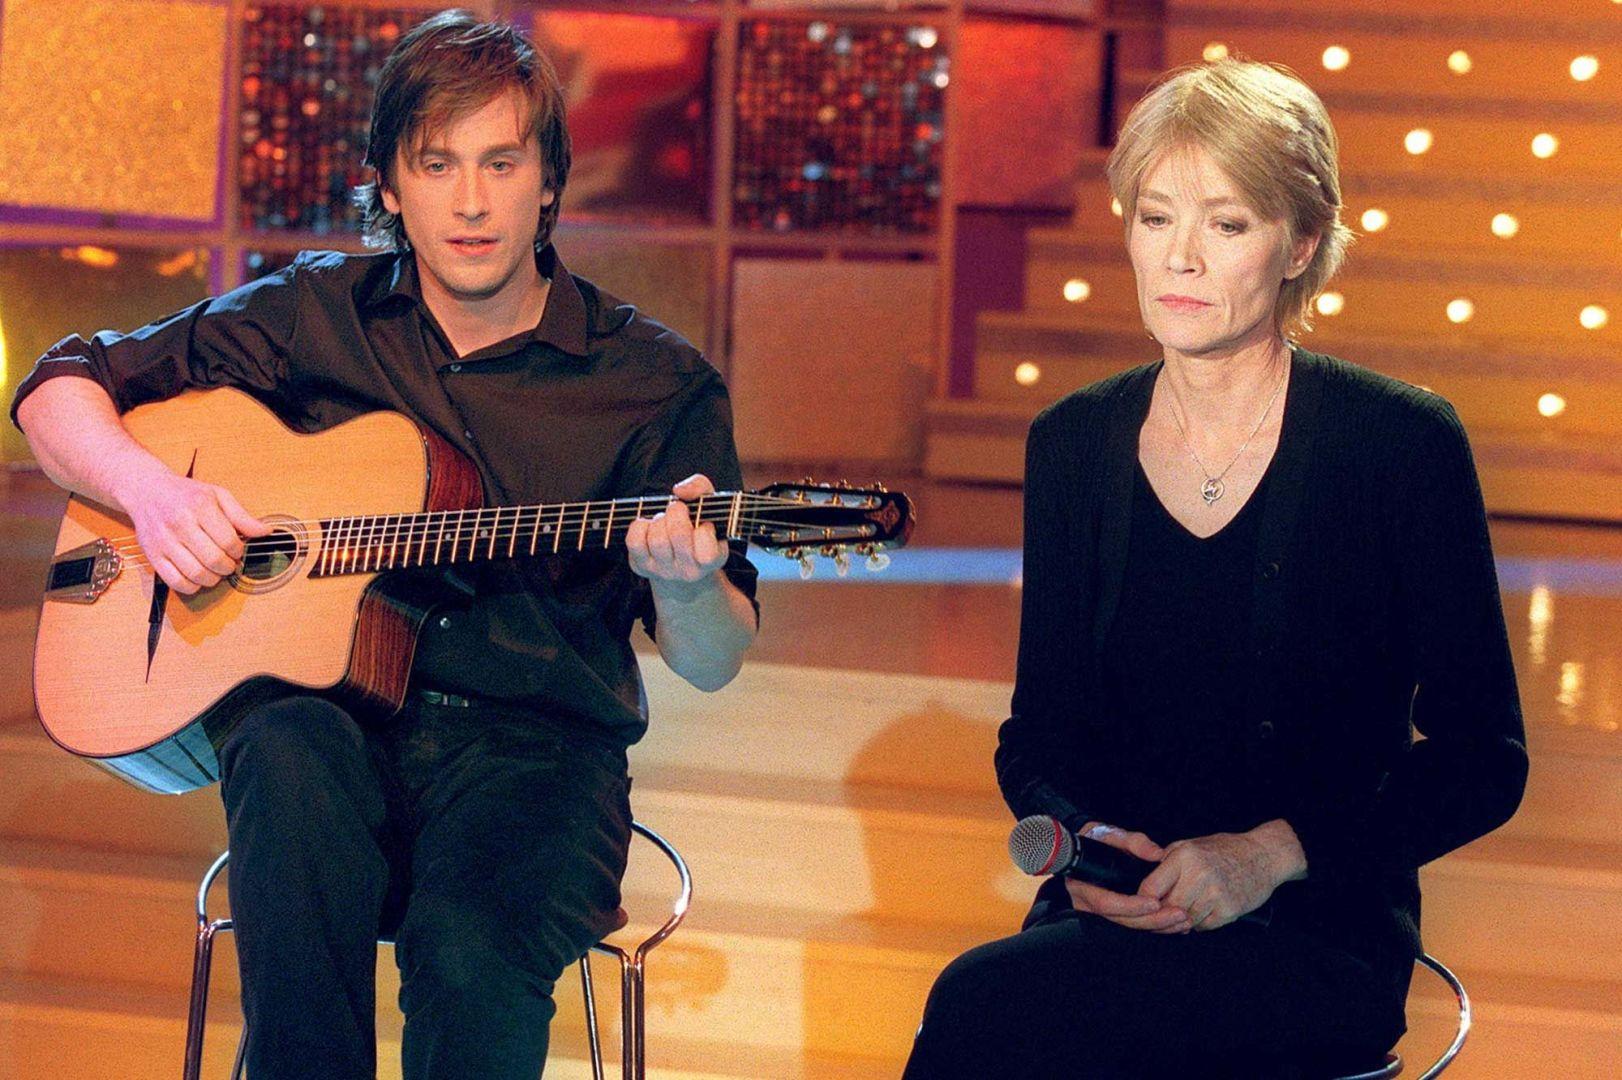 Françoise Hardy prête à avoir recours l'euthanasie : la chanteuse révèle ce qu'en pense Jacques Dutronc